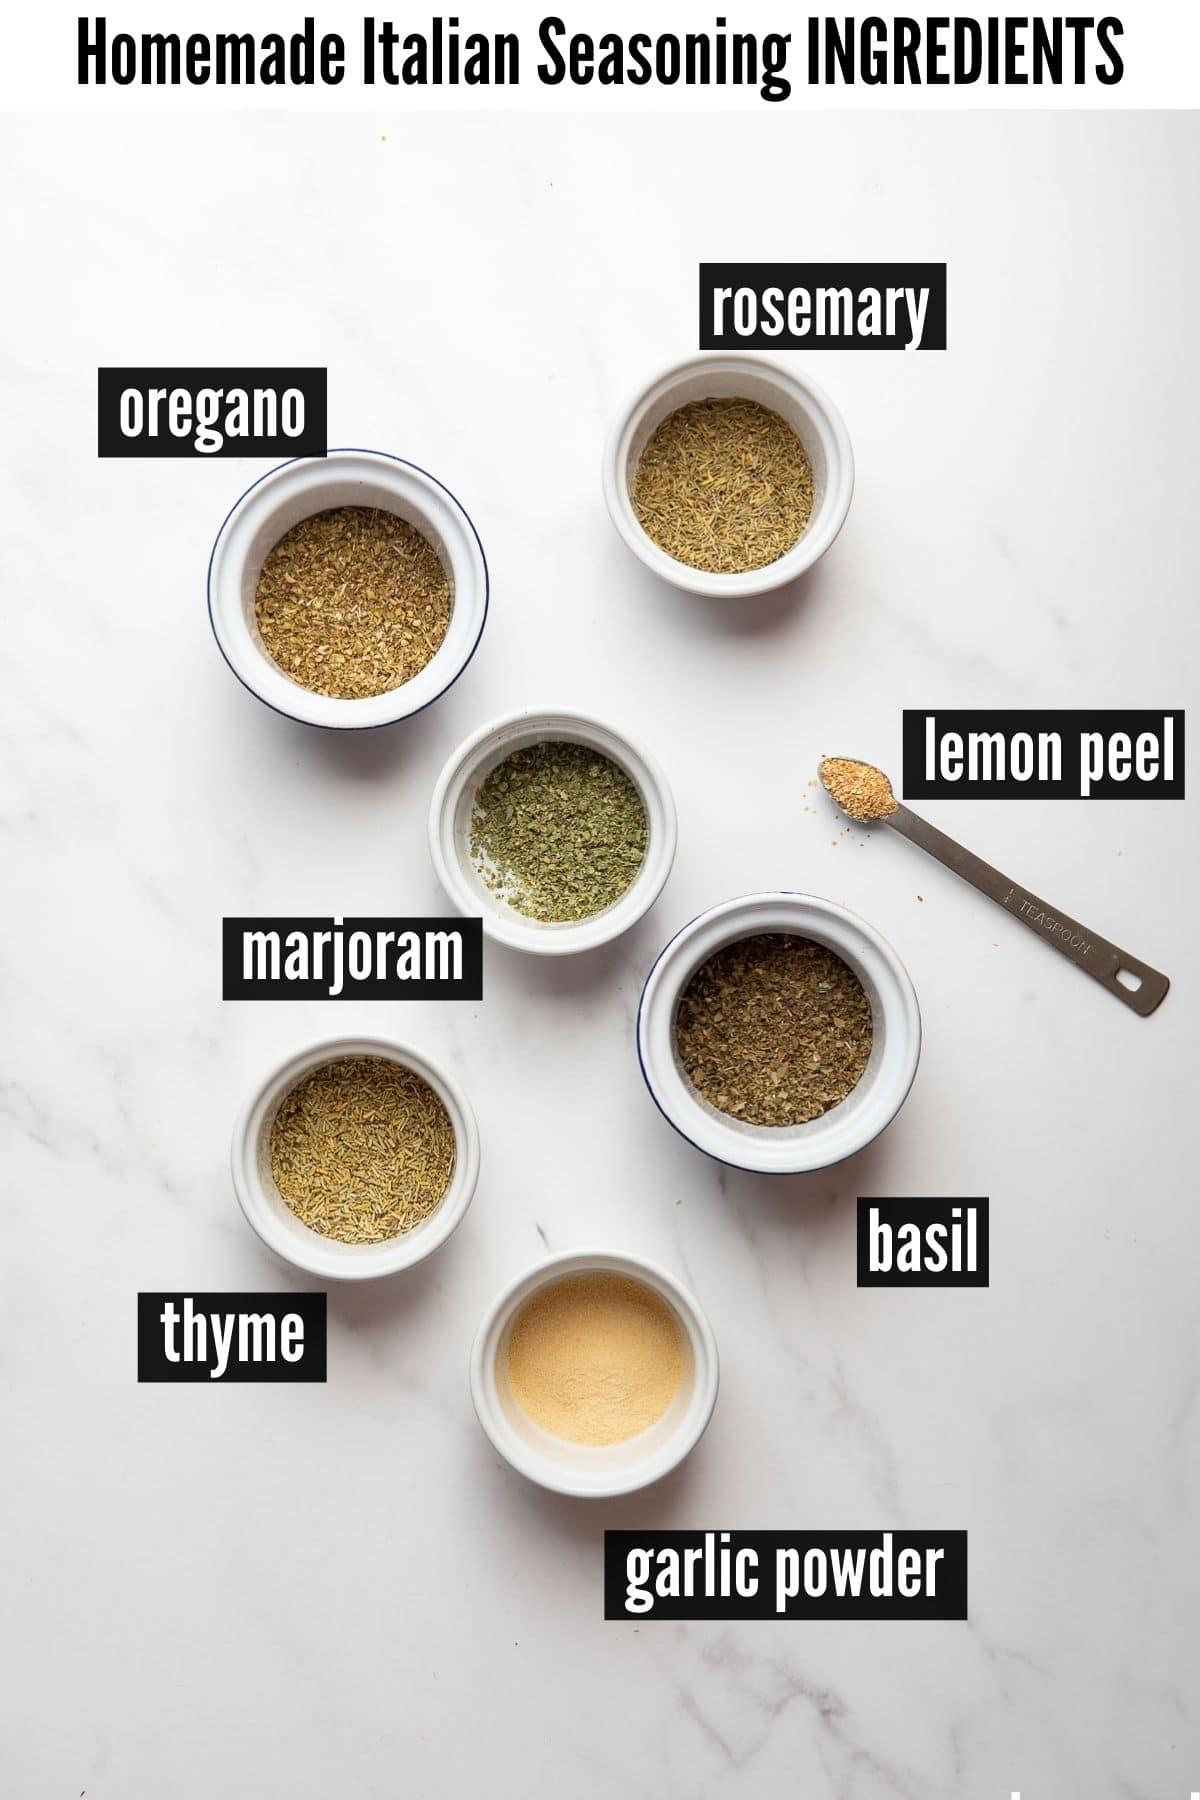 Italian seasoning blend ingredients